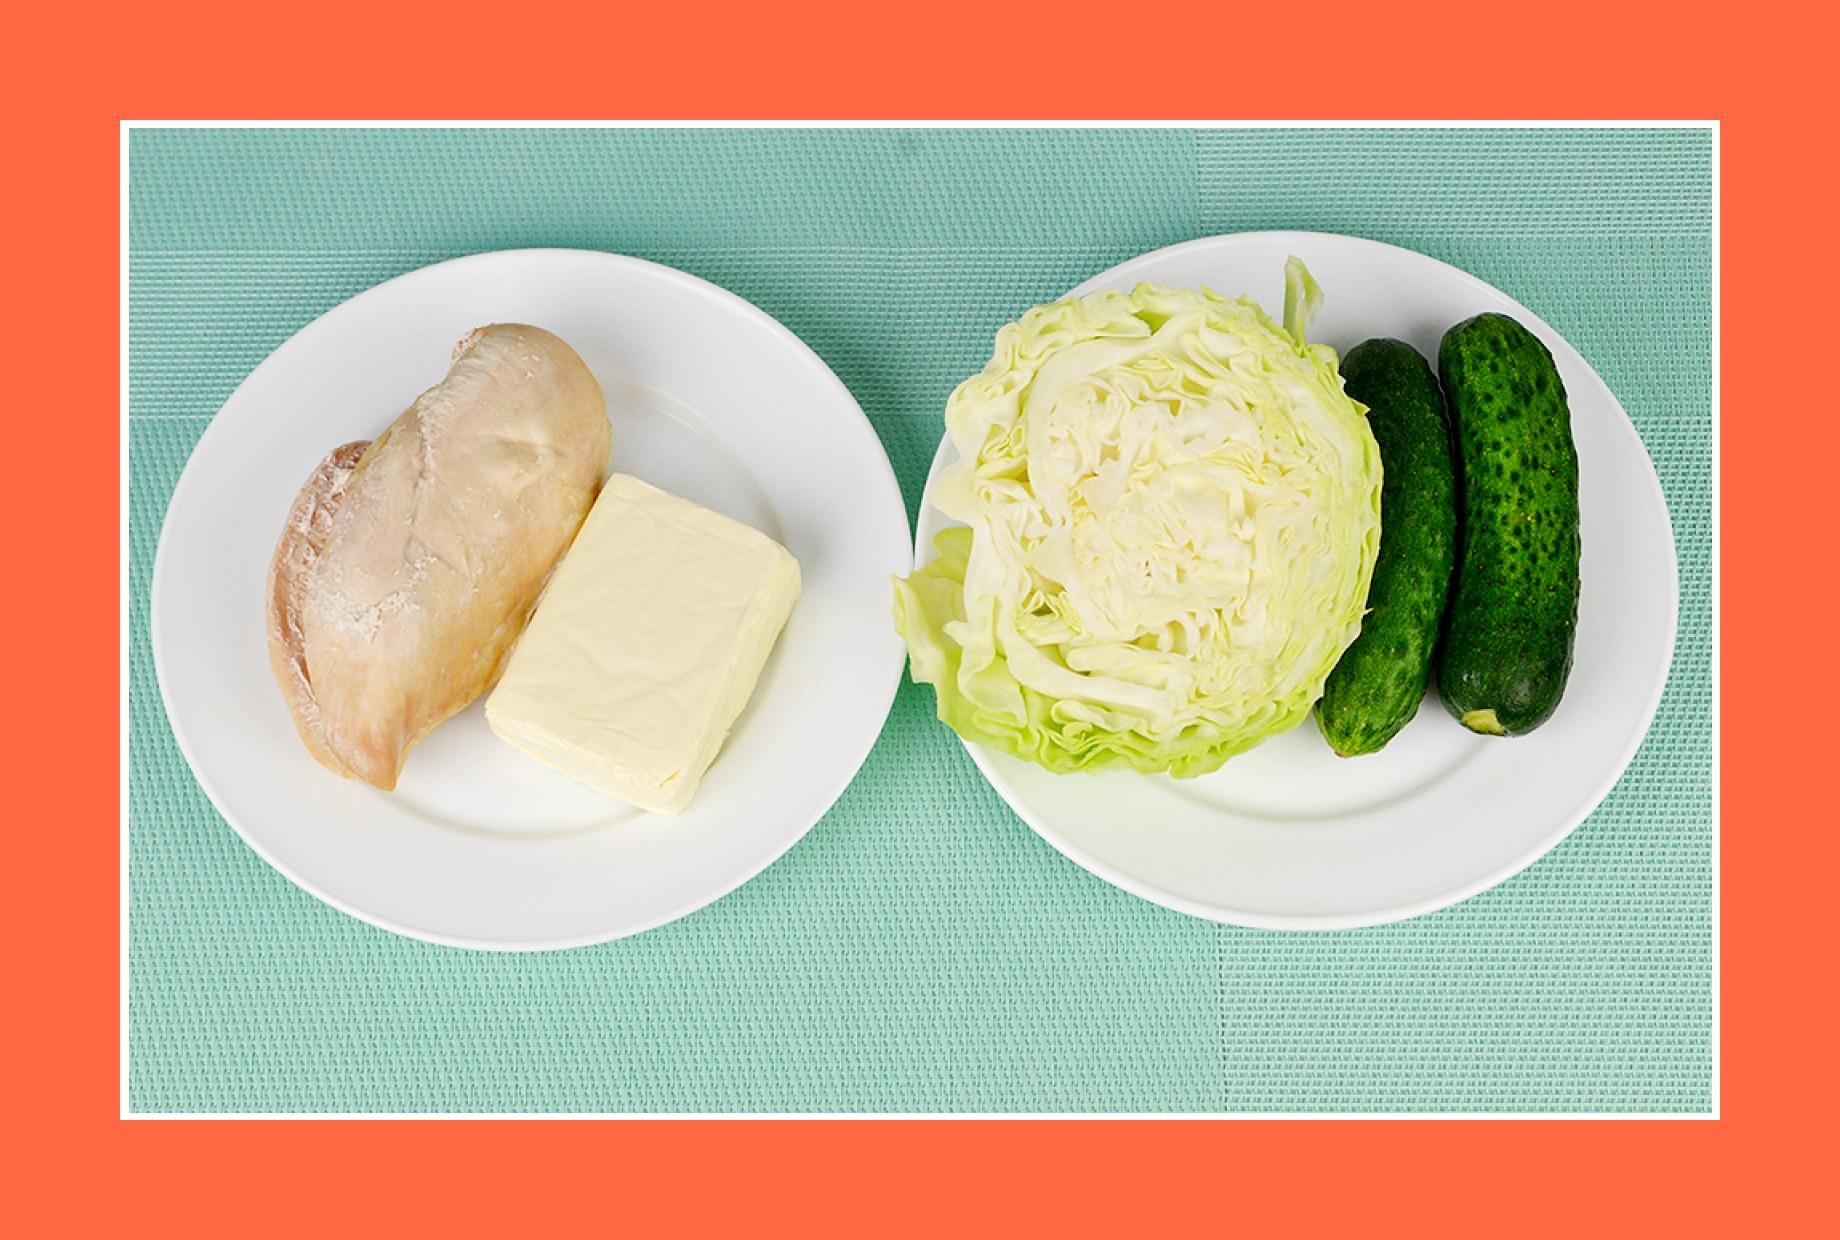 Einfacher Geflügelsalat mit Käse, Gurken, Kohl